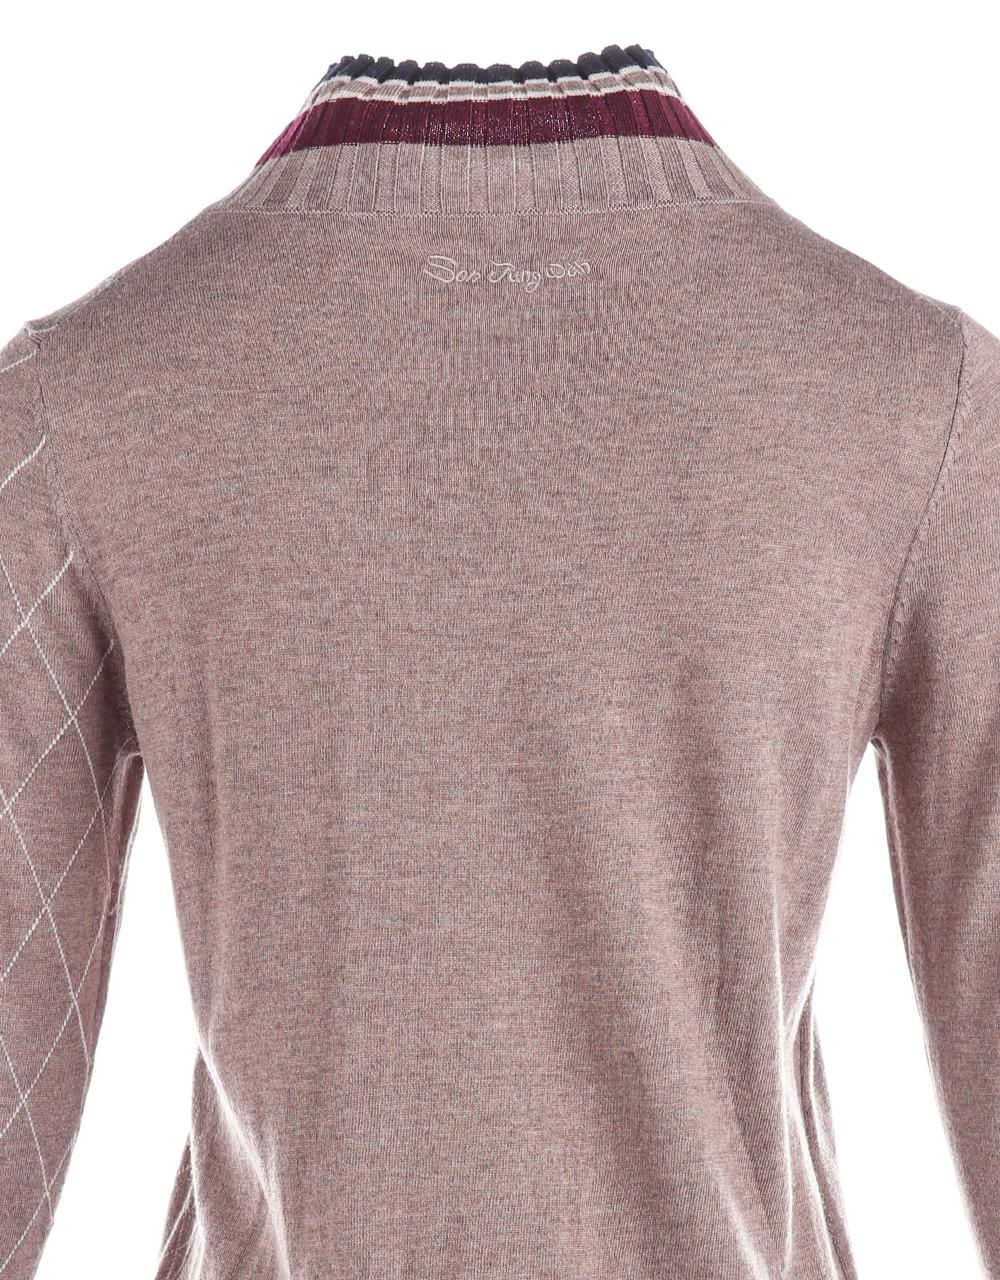 긴팔 티셔츠 상품상세 이미지-S1L34